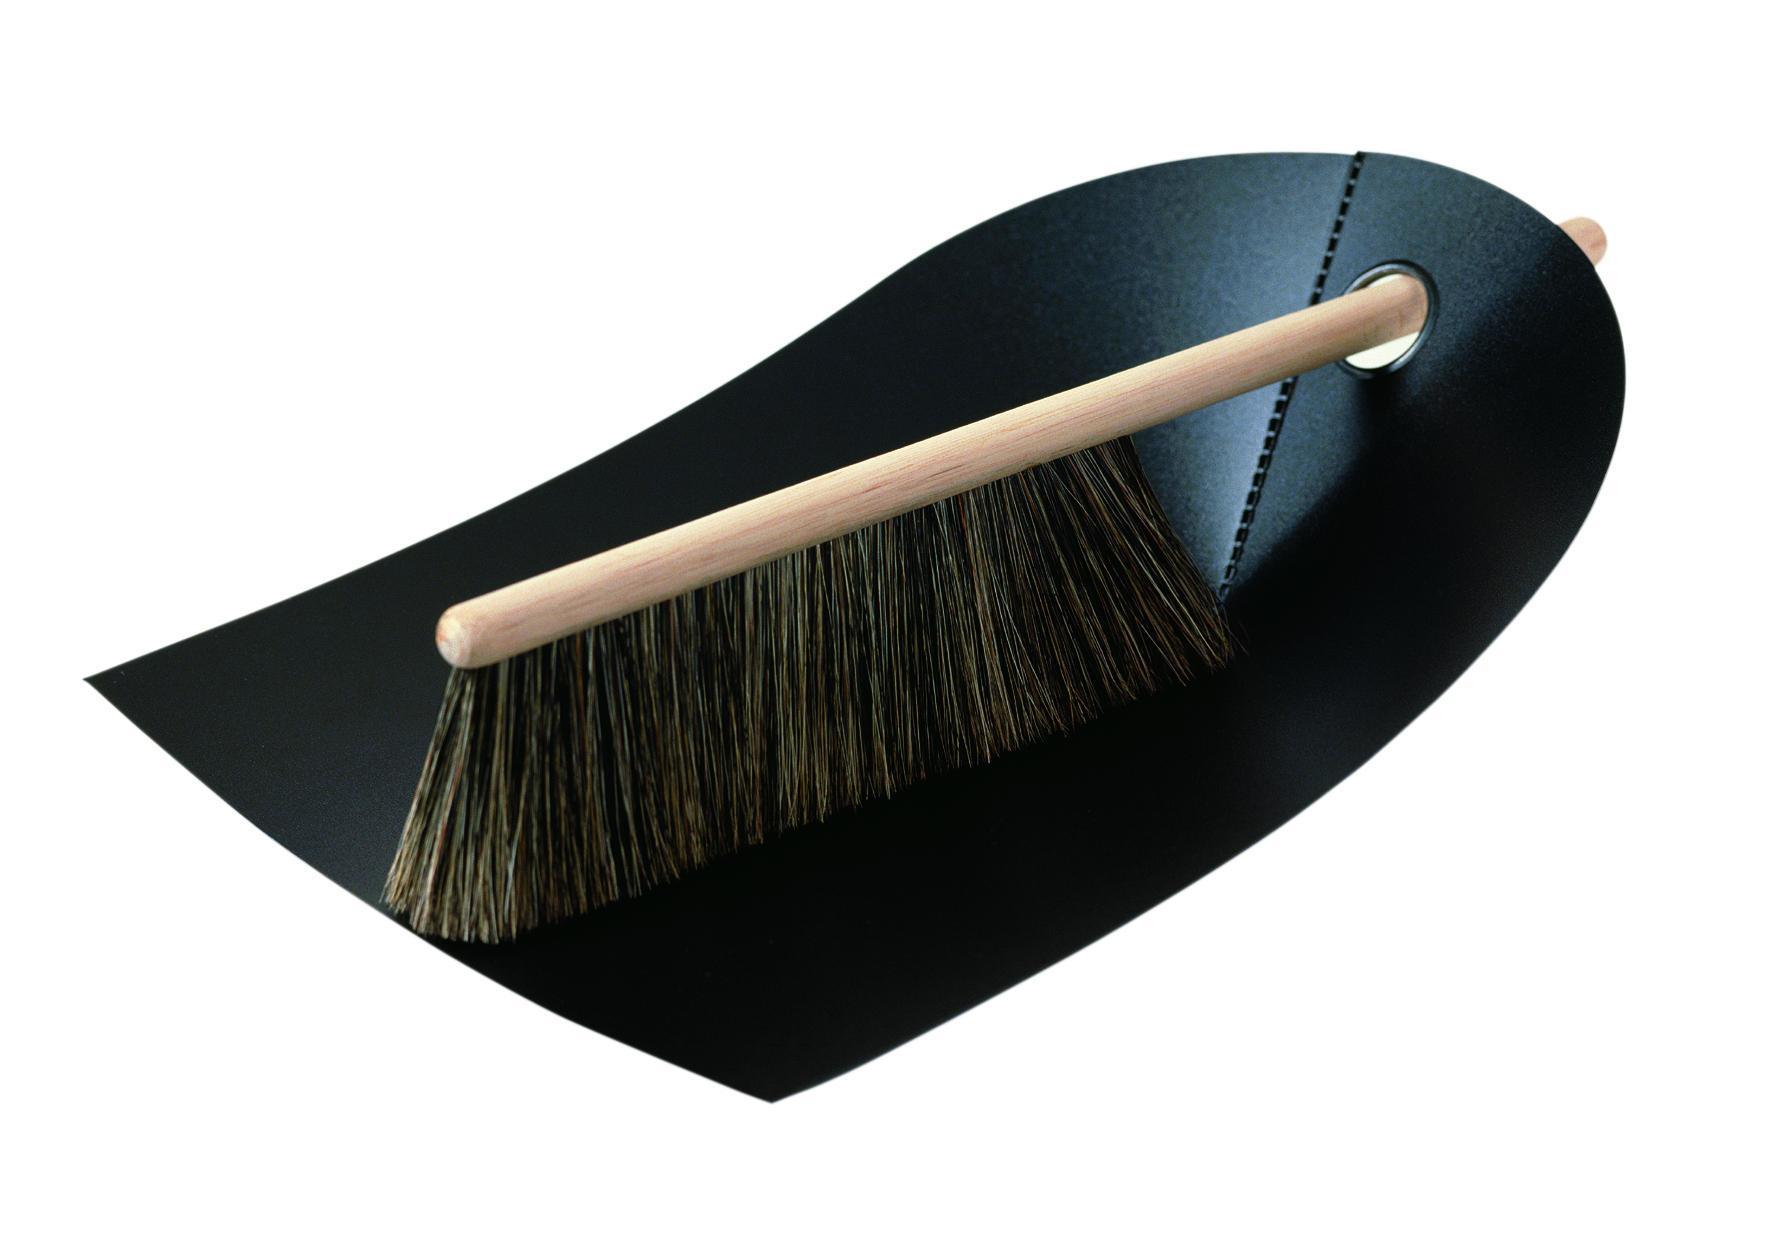 normann COPENHAGEN Lopatka se smetáčkem Black, černá barva